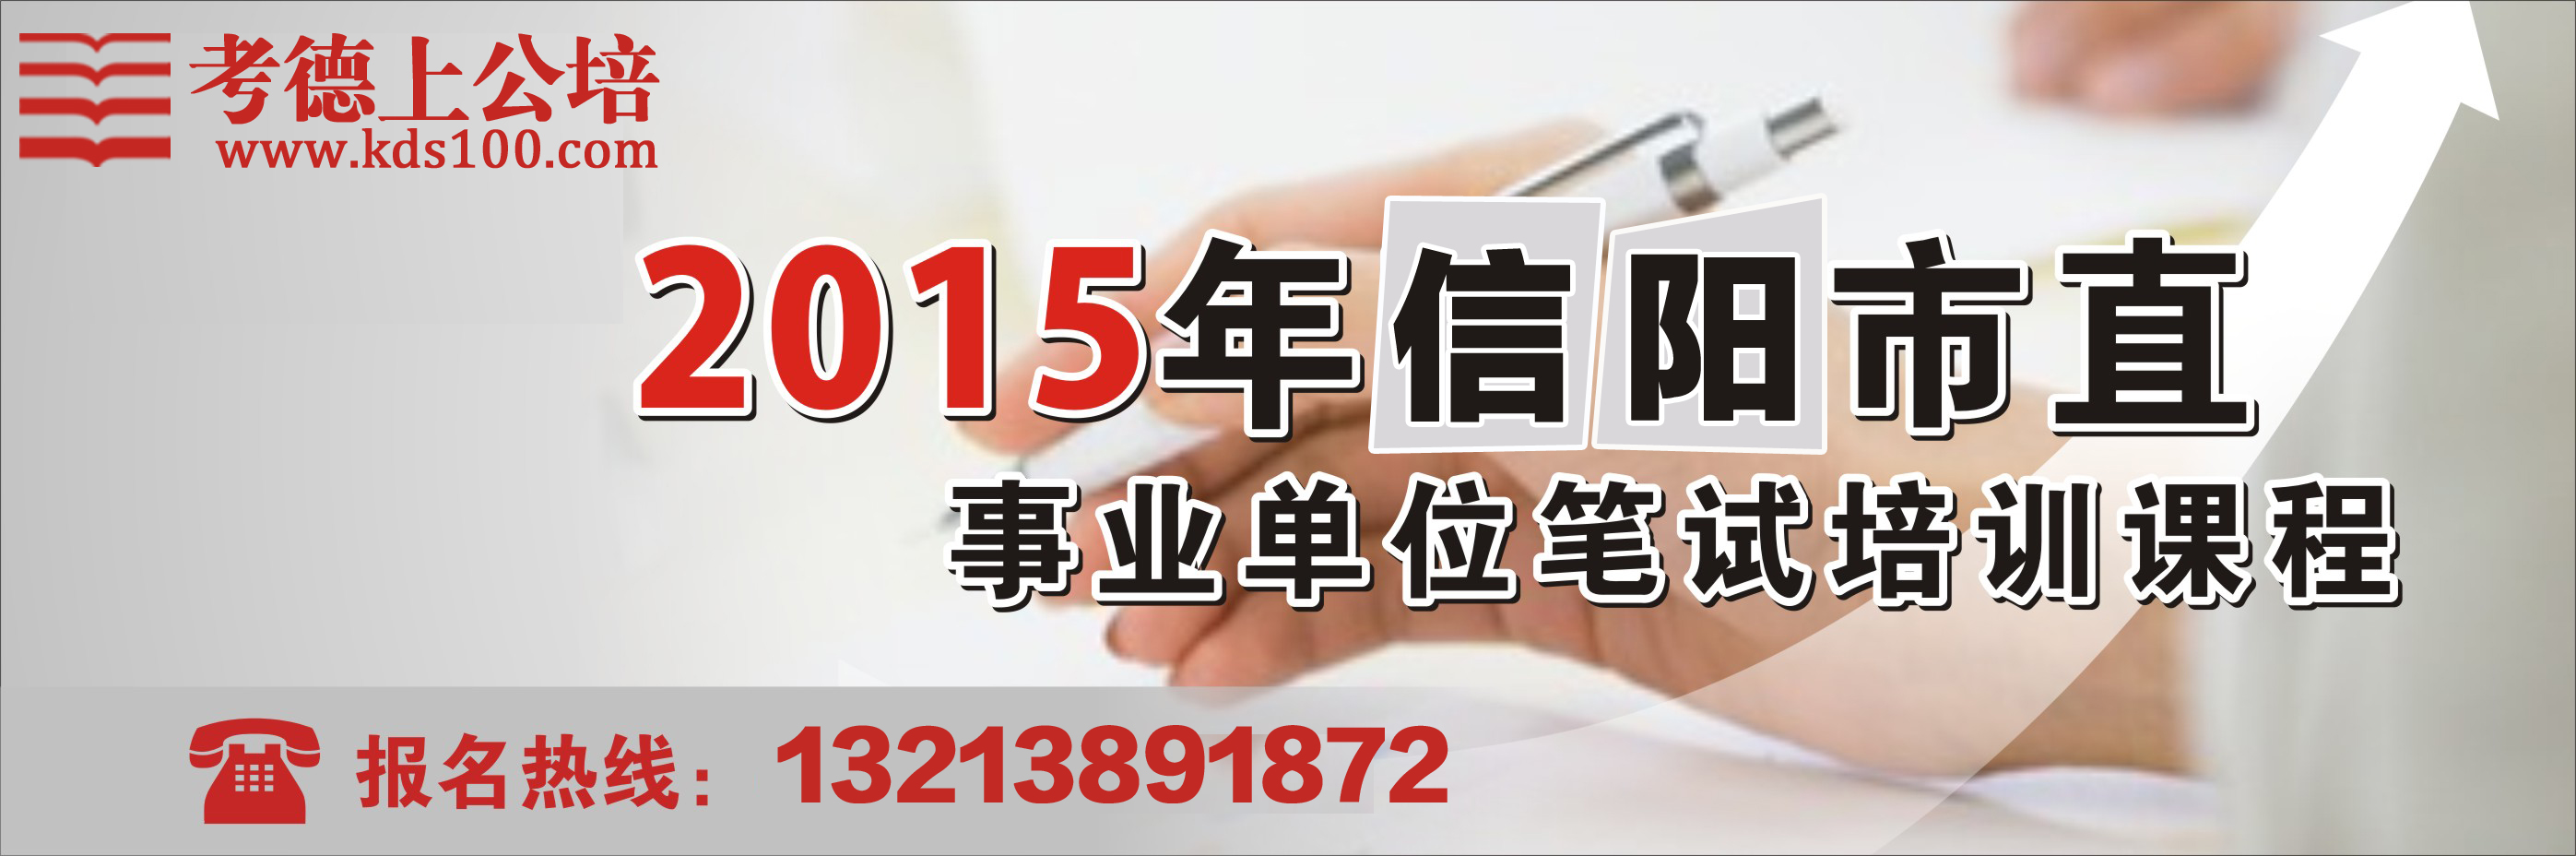 2015年信阳市直事业单位笔试培训